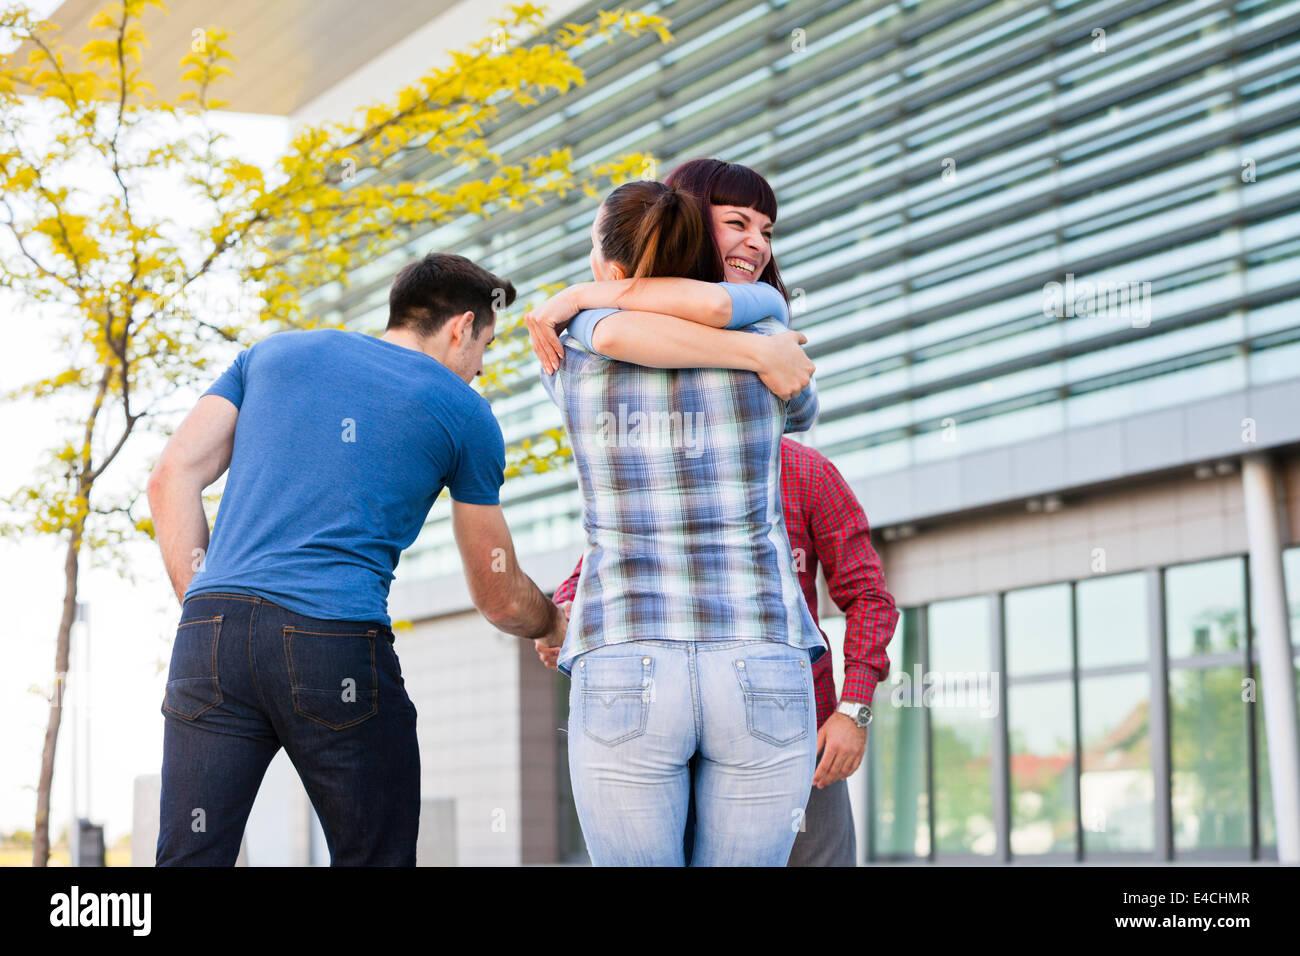 Gli amici che abbraccia e stringe la mano all'aperto, osijek, Croazia Immagini Stock